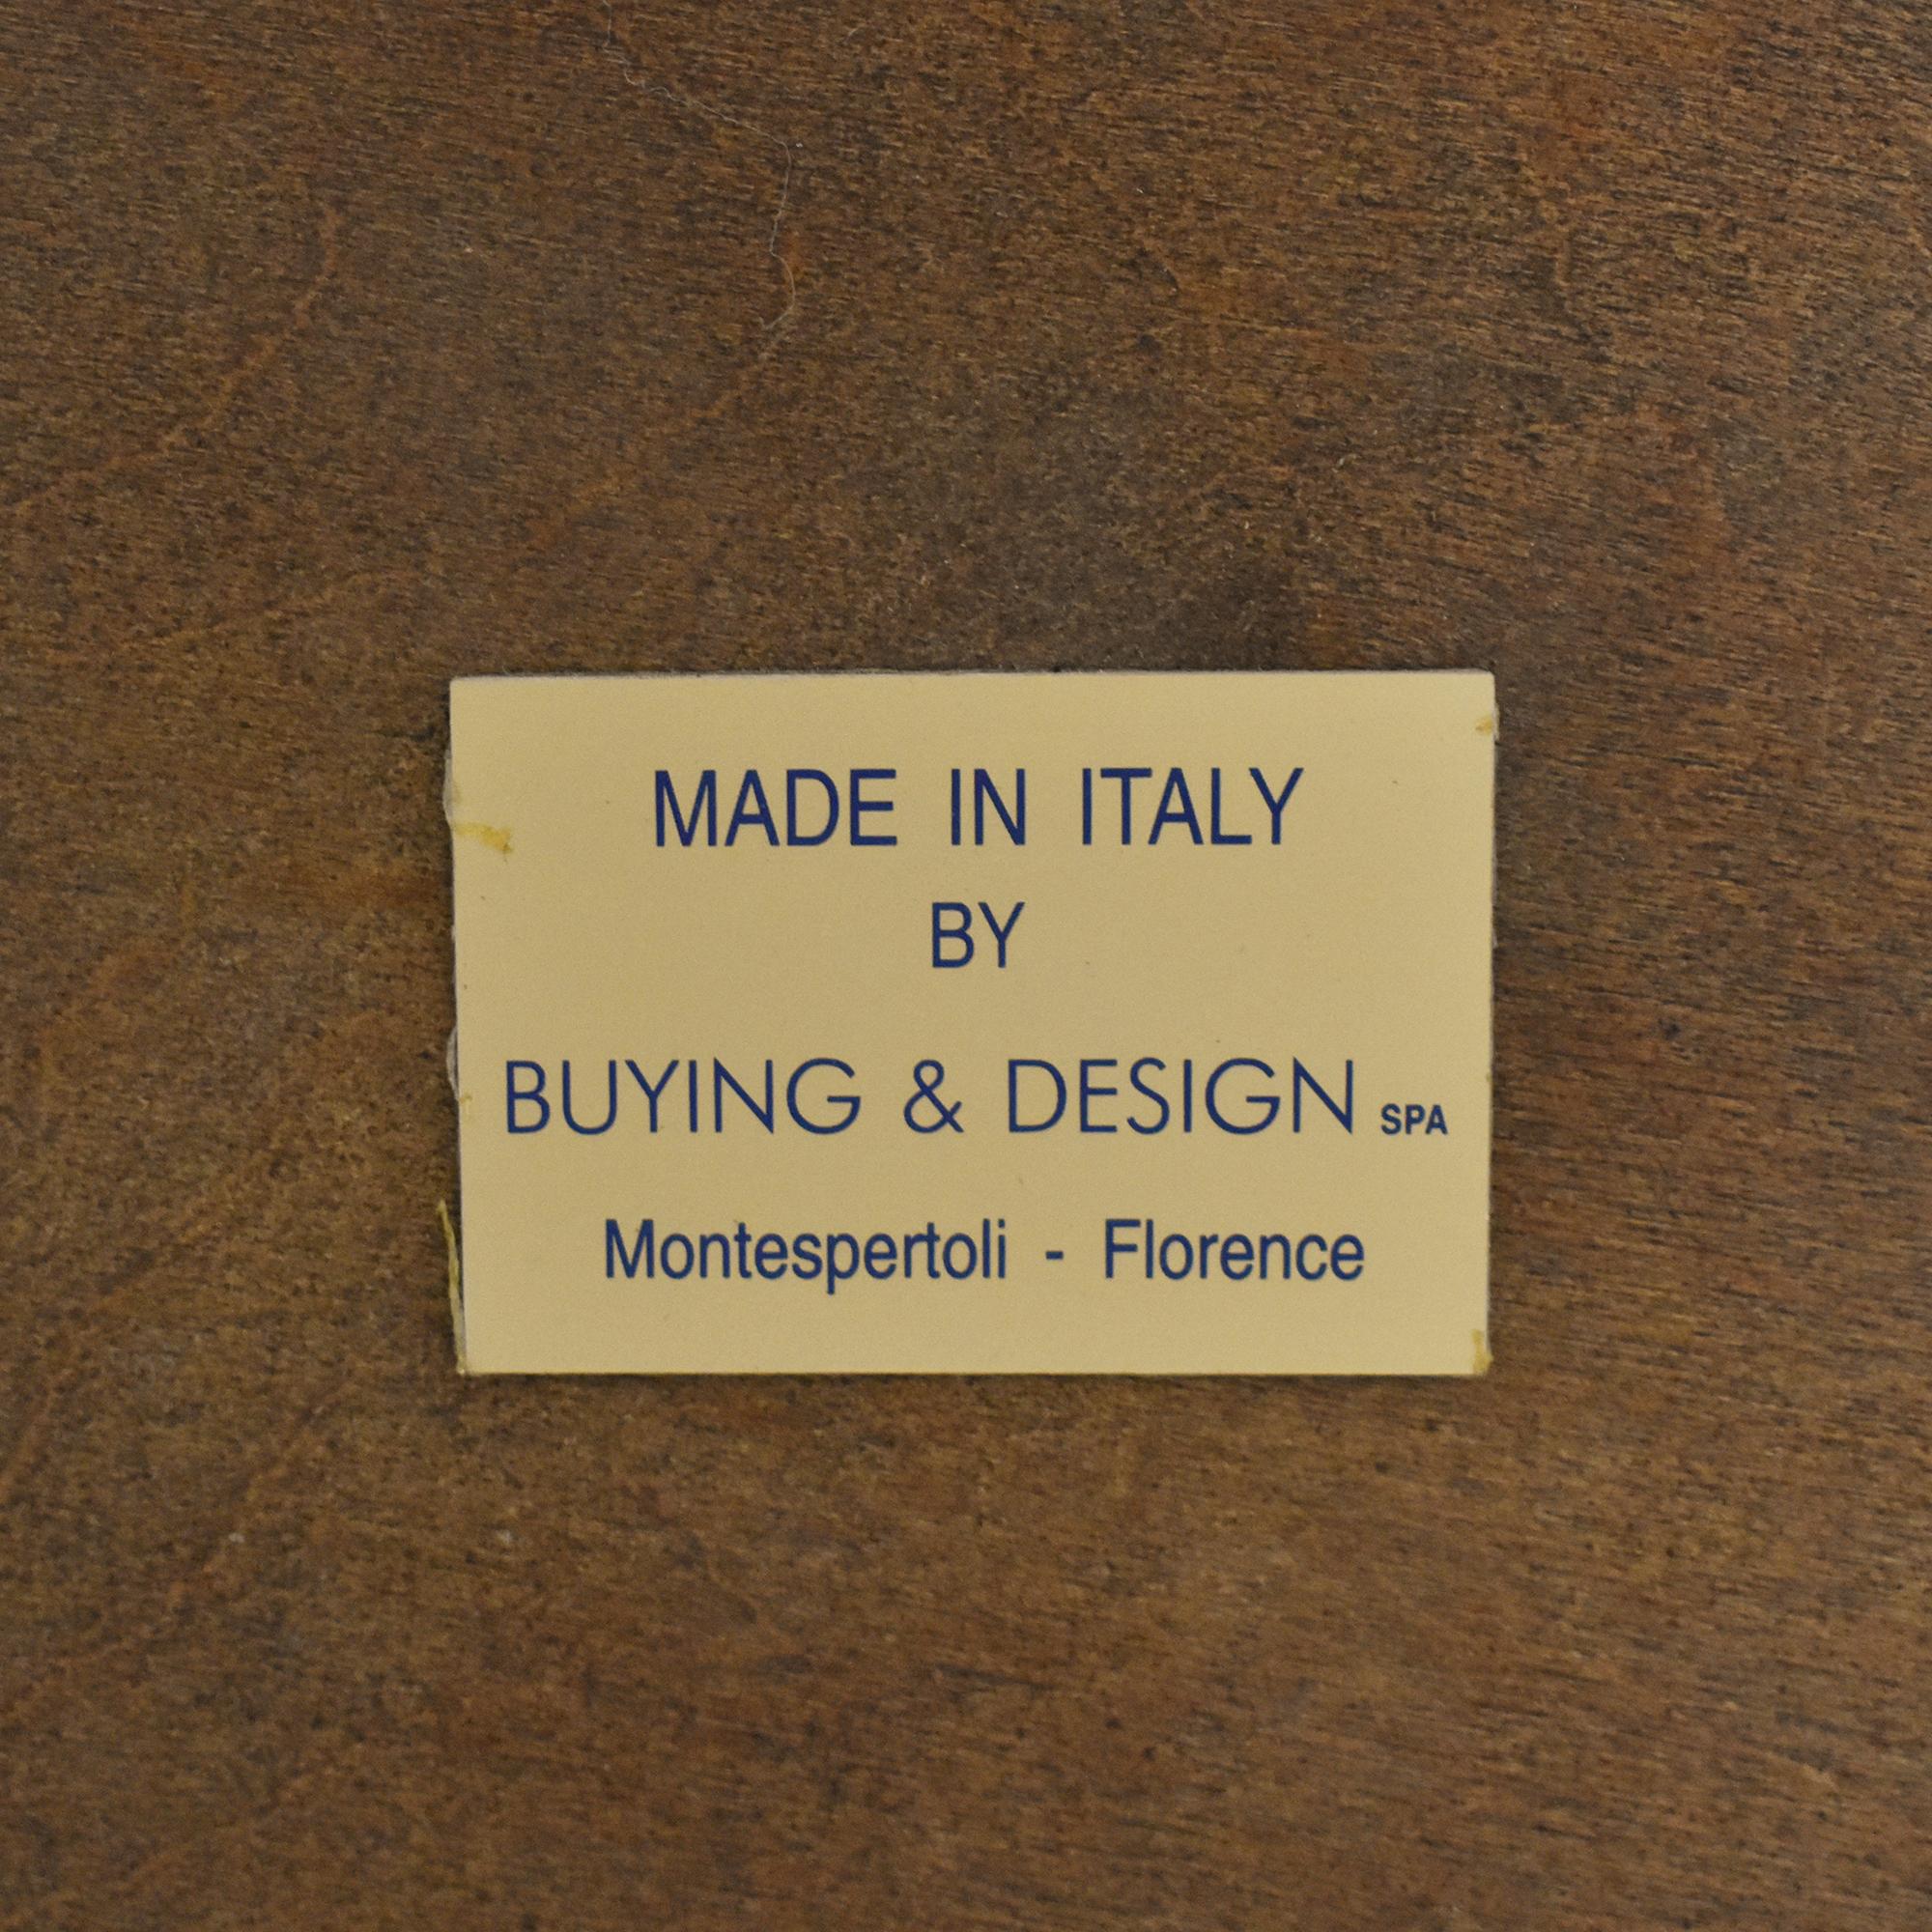 Buying & Design Buying & Design Floral Sideboard pa